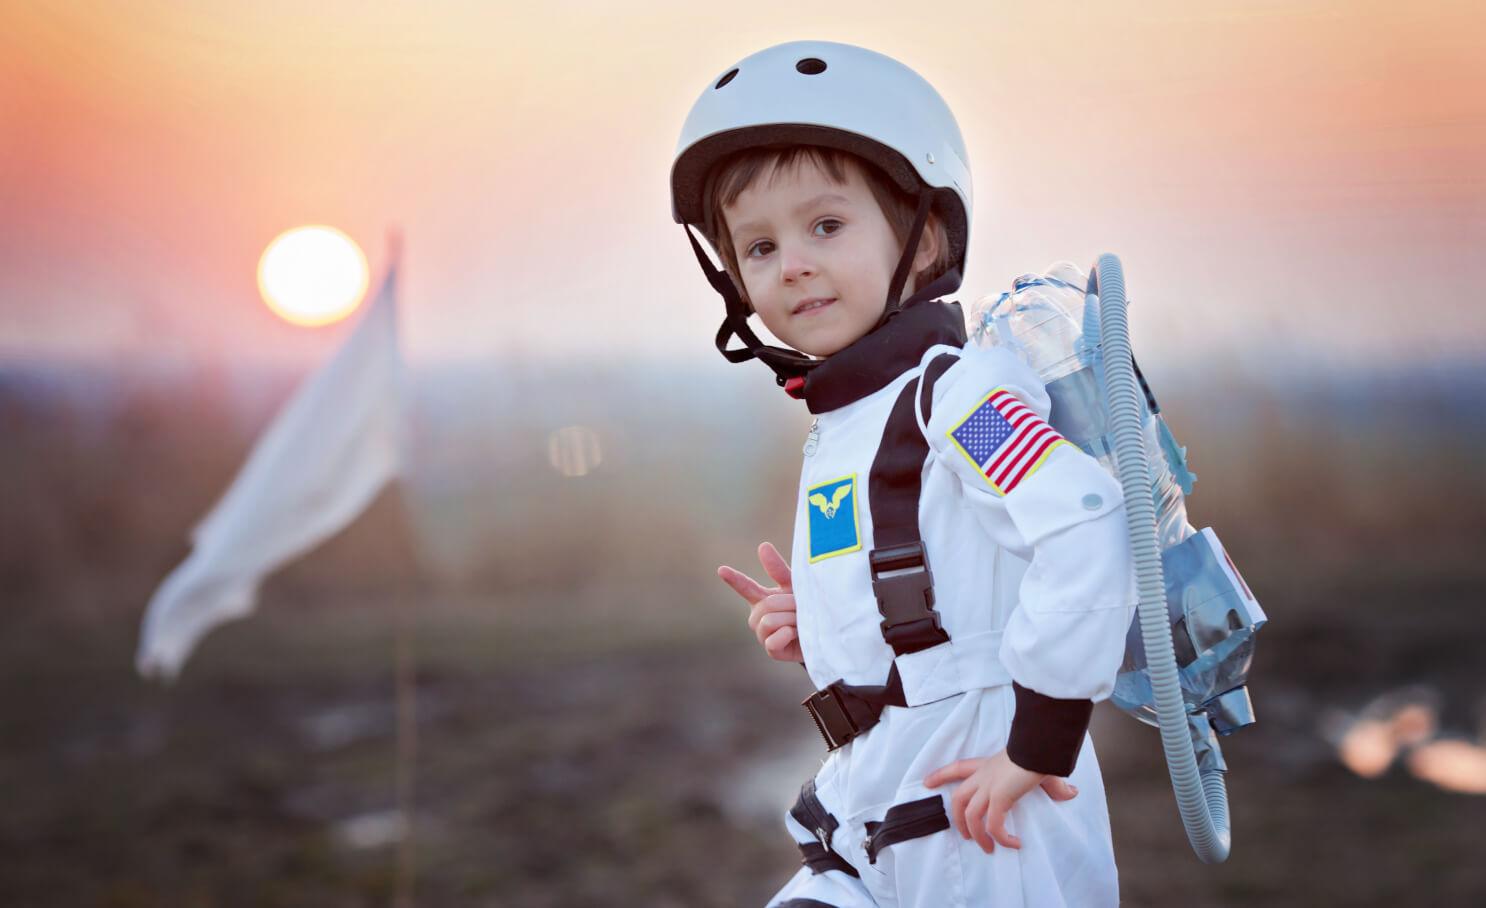 Kind in een astronauten pak